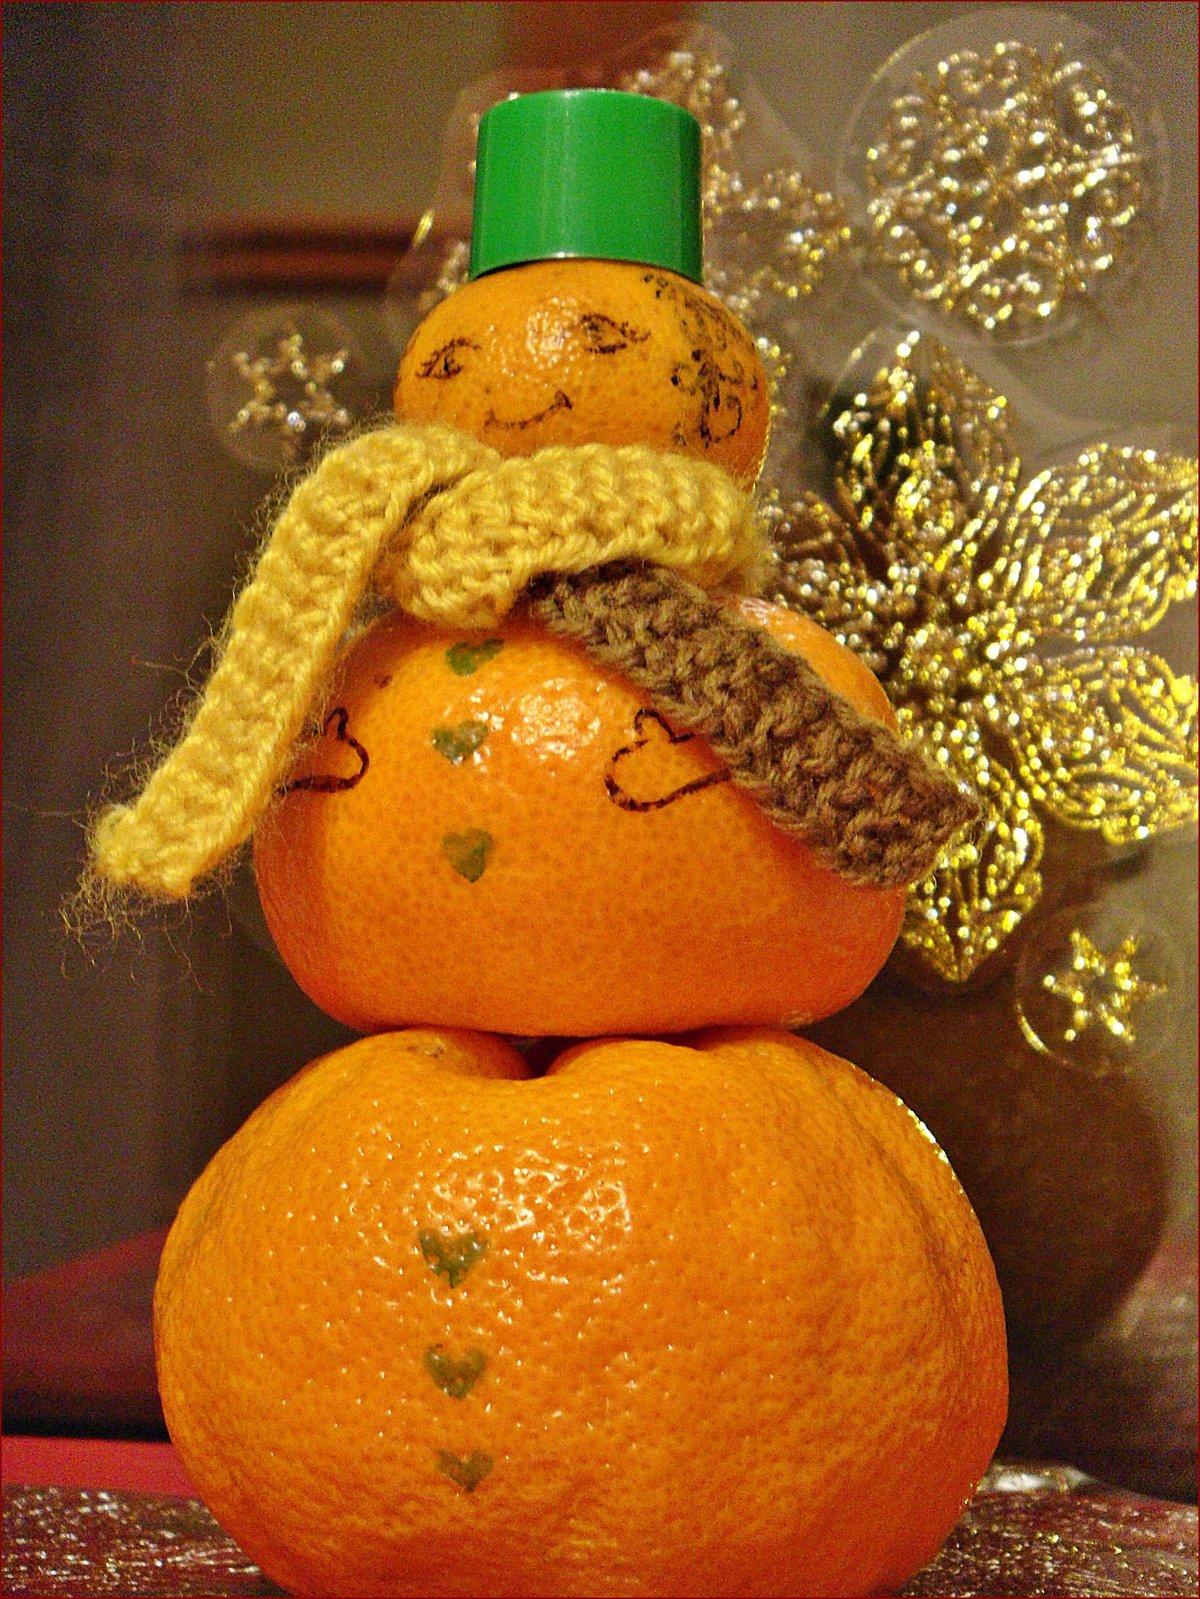 Прикольная картинка мандарина